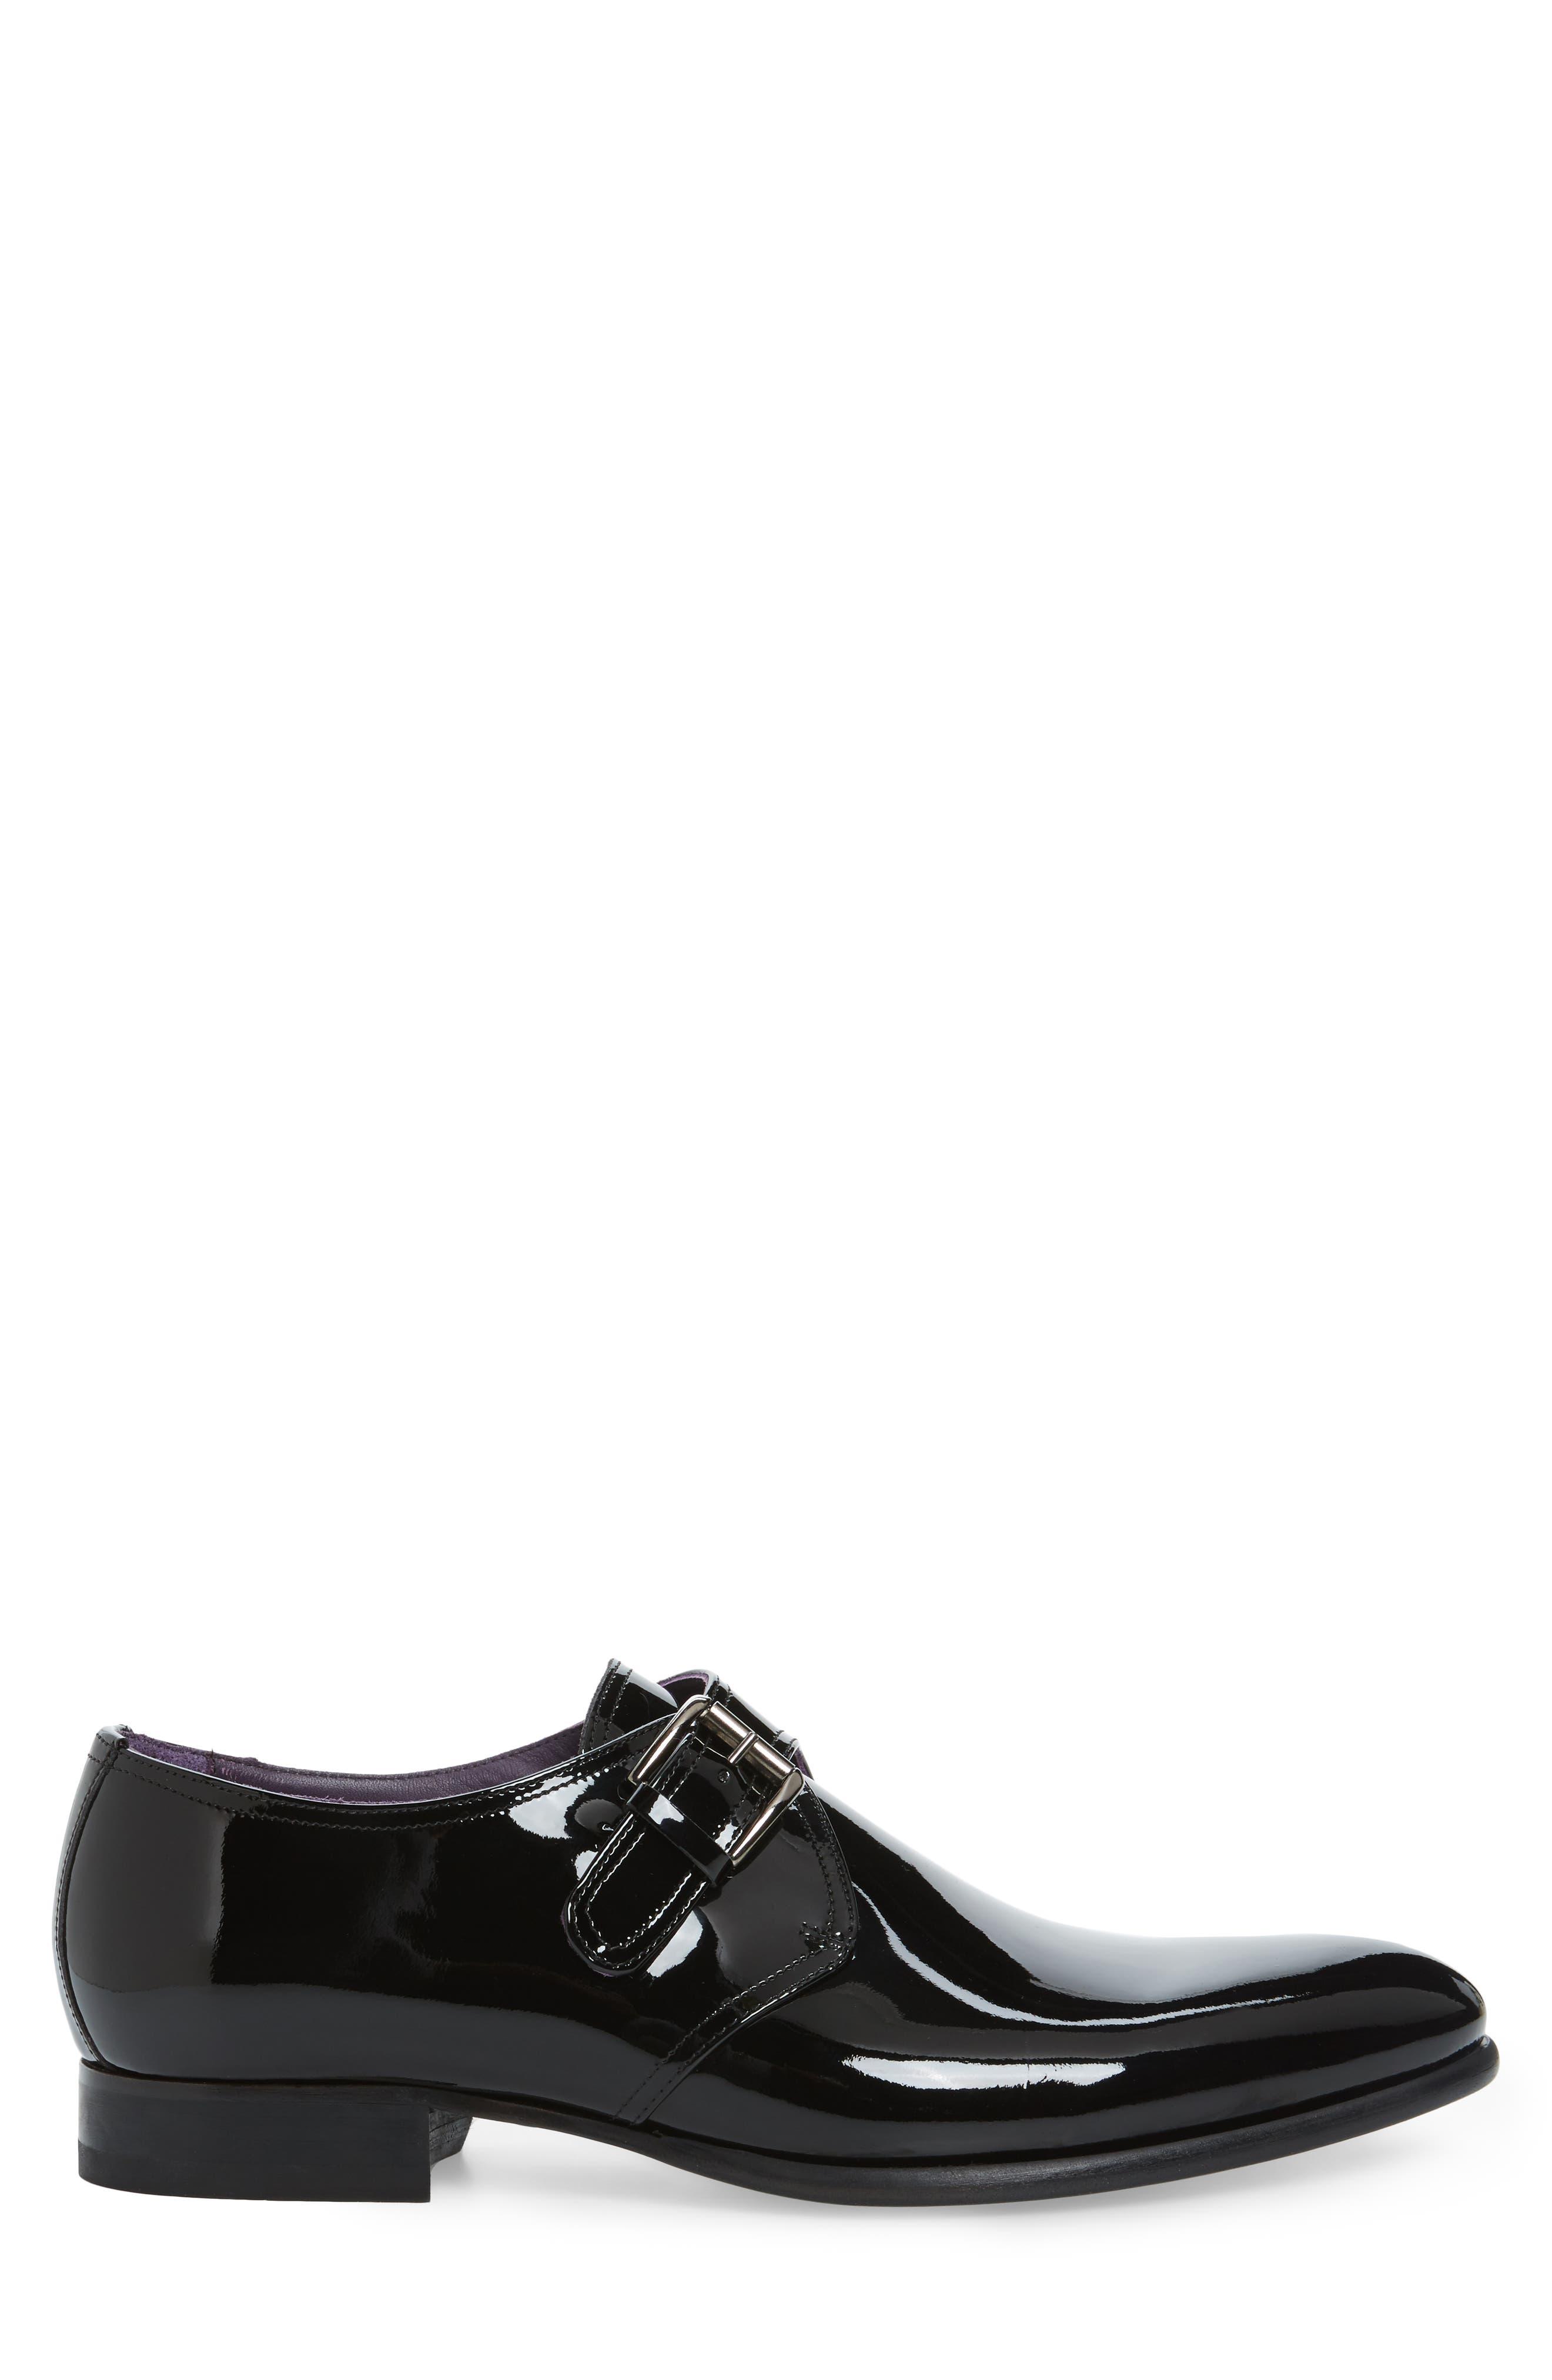 Alternate Image 3  - To Boot New York Emmett Monk Strap Shoe (Men)